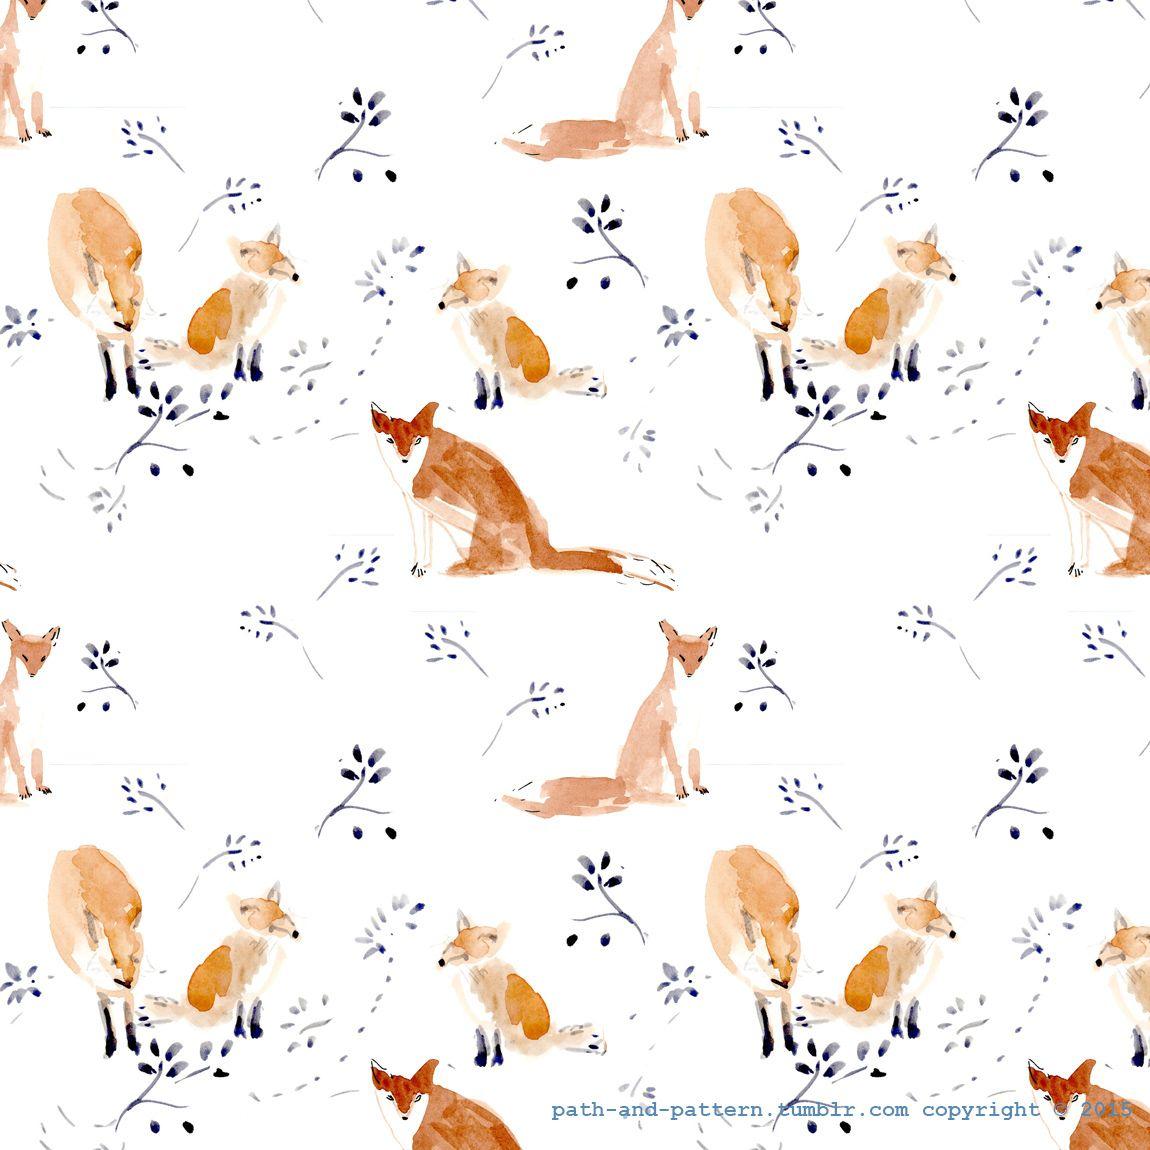 Patterns ☆Humans/Animals